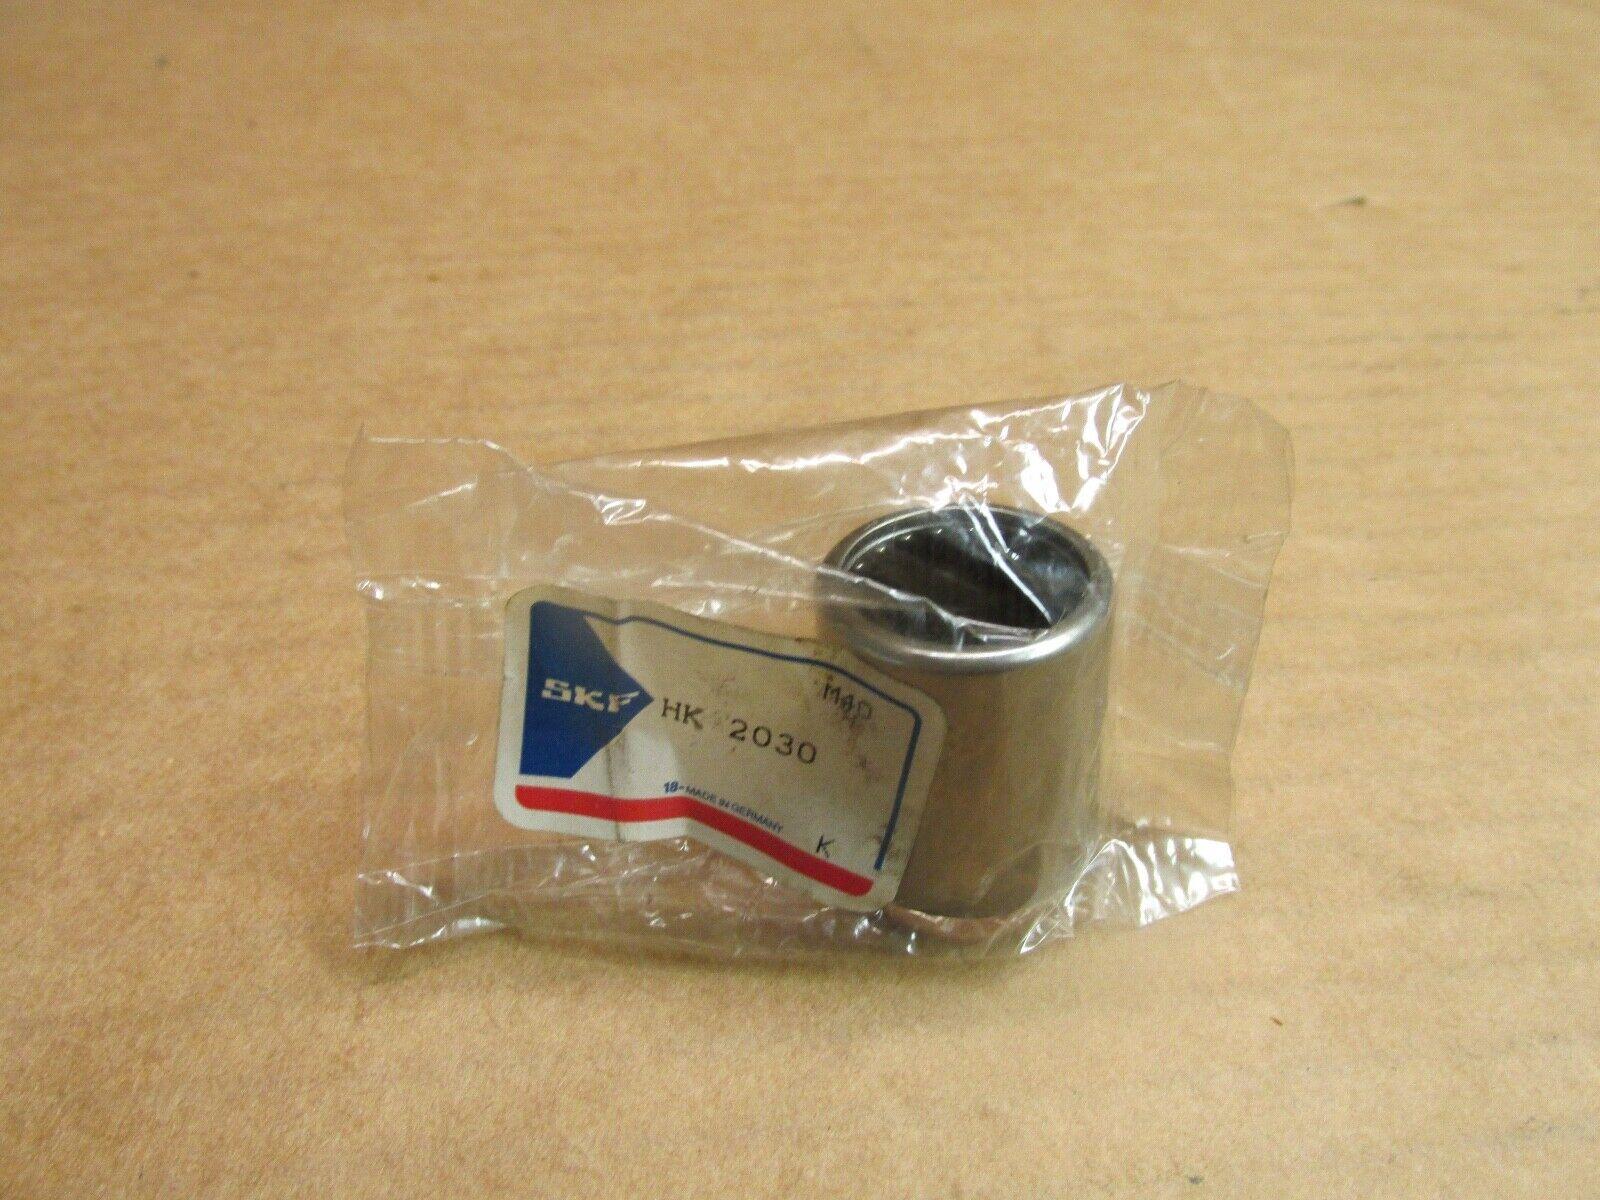 2pcs 25x32x25 mm Bearings HK2525 Drawn Cup Needle Roller Bearings